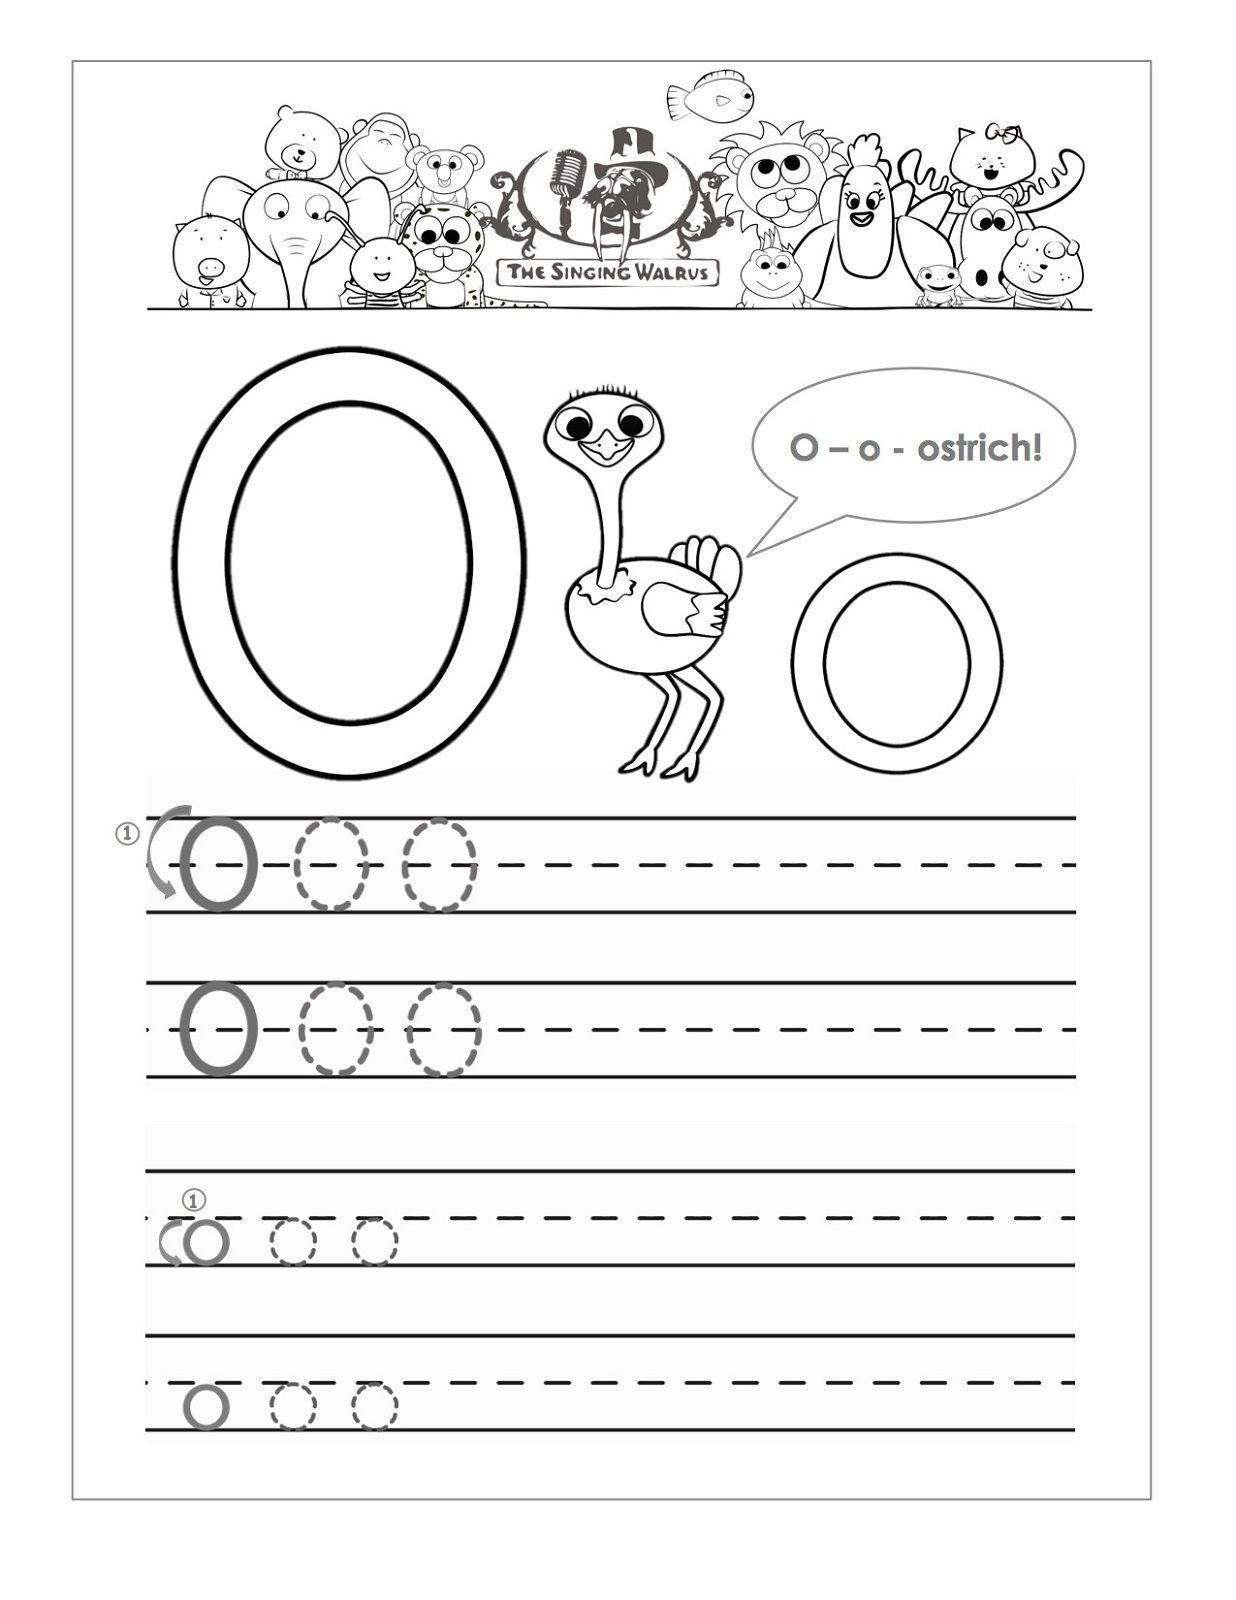 Letter O Worksheets for Preschool | Kids Worksheets Printable ...